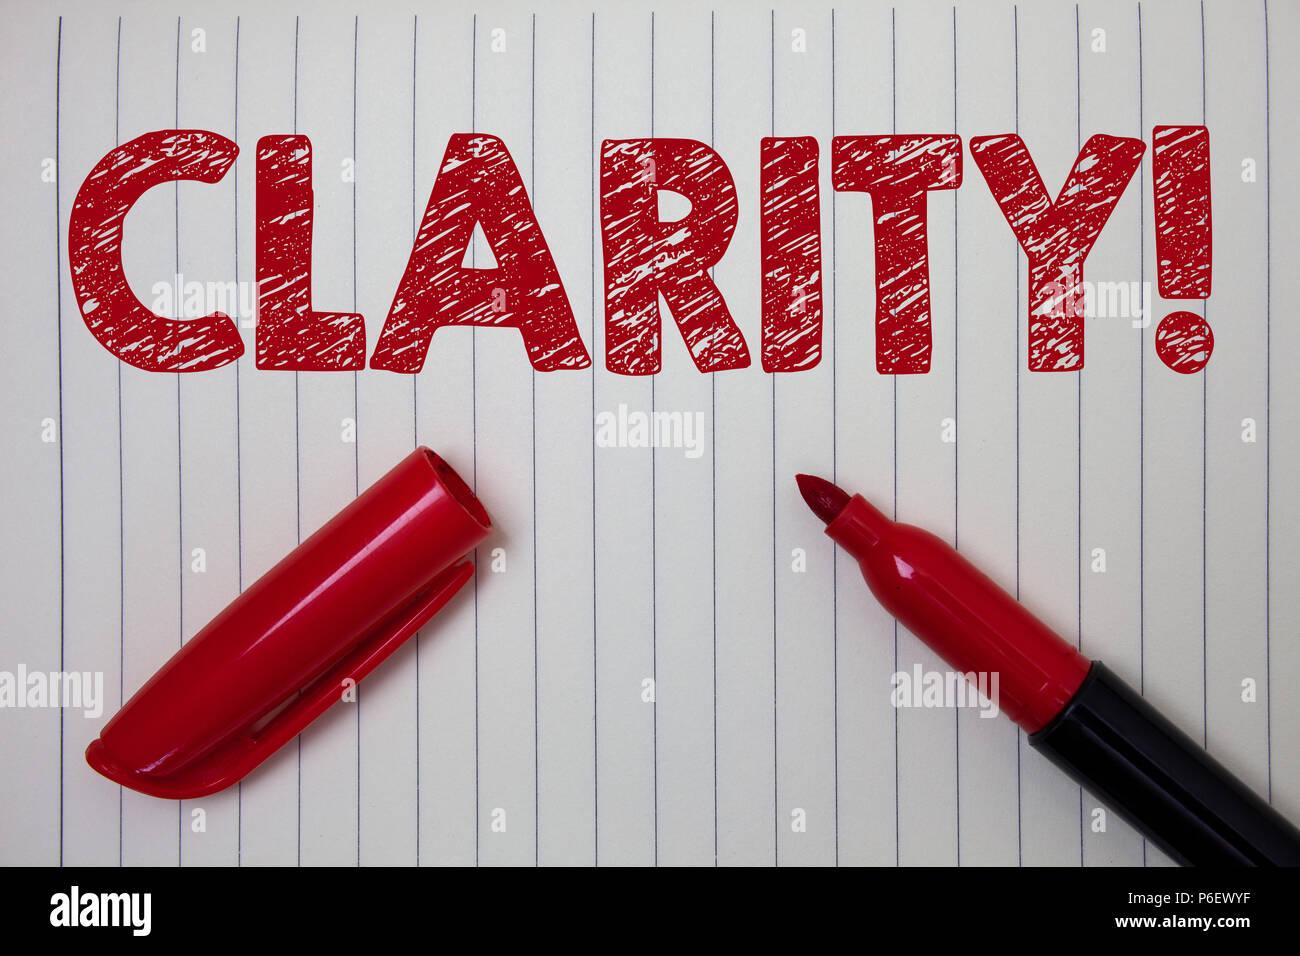 Escritura de palabras claridad del texto. Concepto de negocio de certidumbre Precision pureza comprensibilidad transparencia precisión portátil marca abierto fondo de papel Imagen De Stock